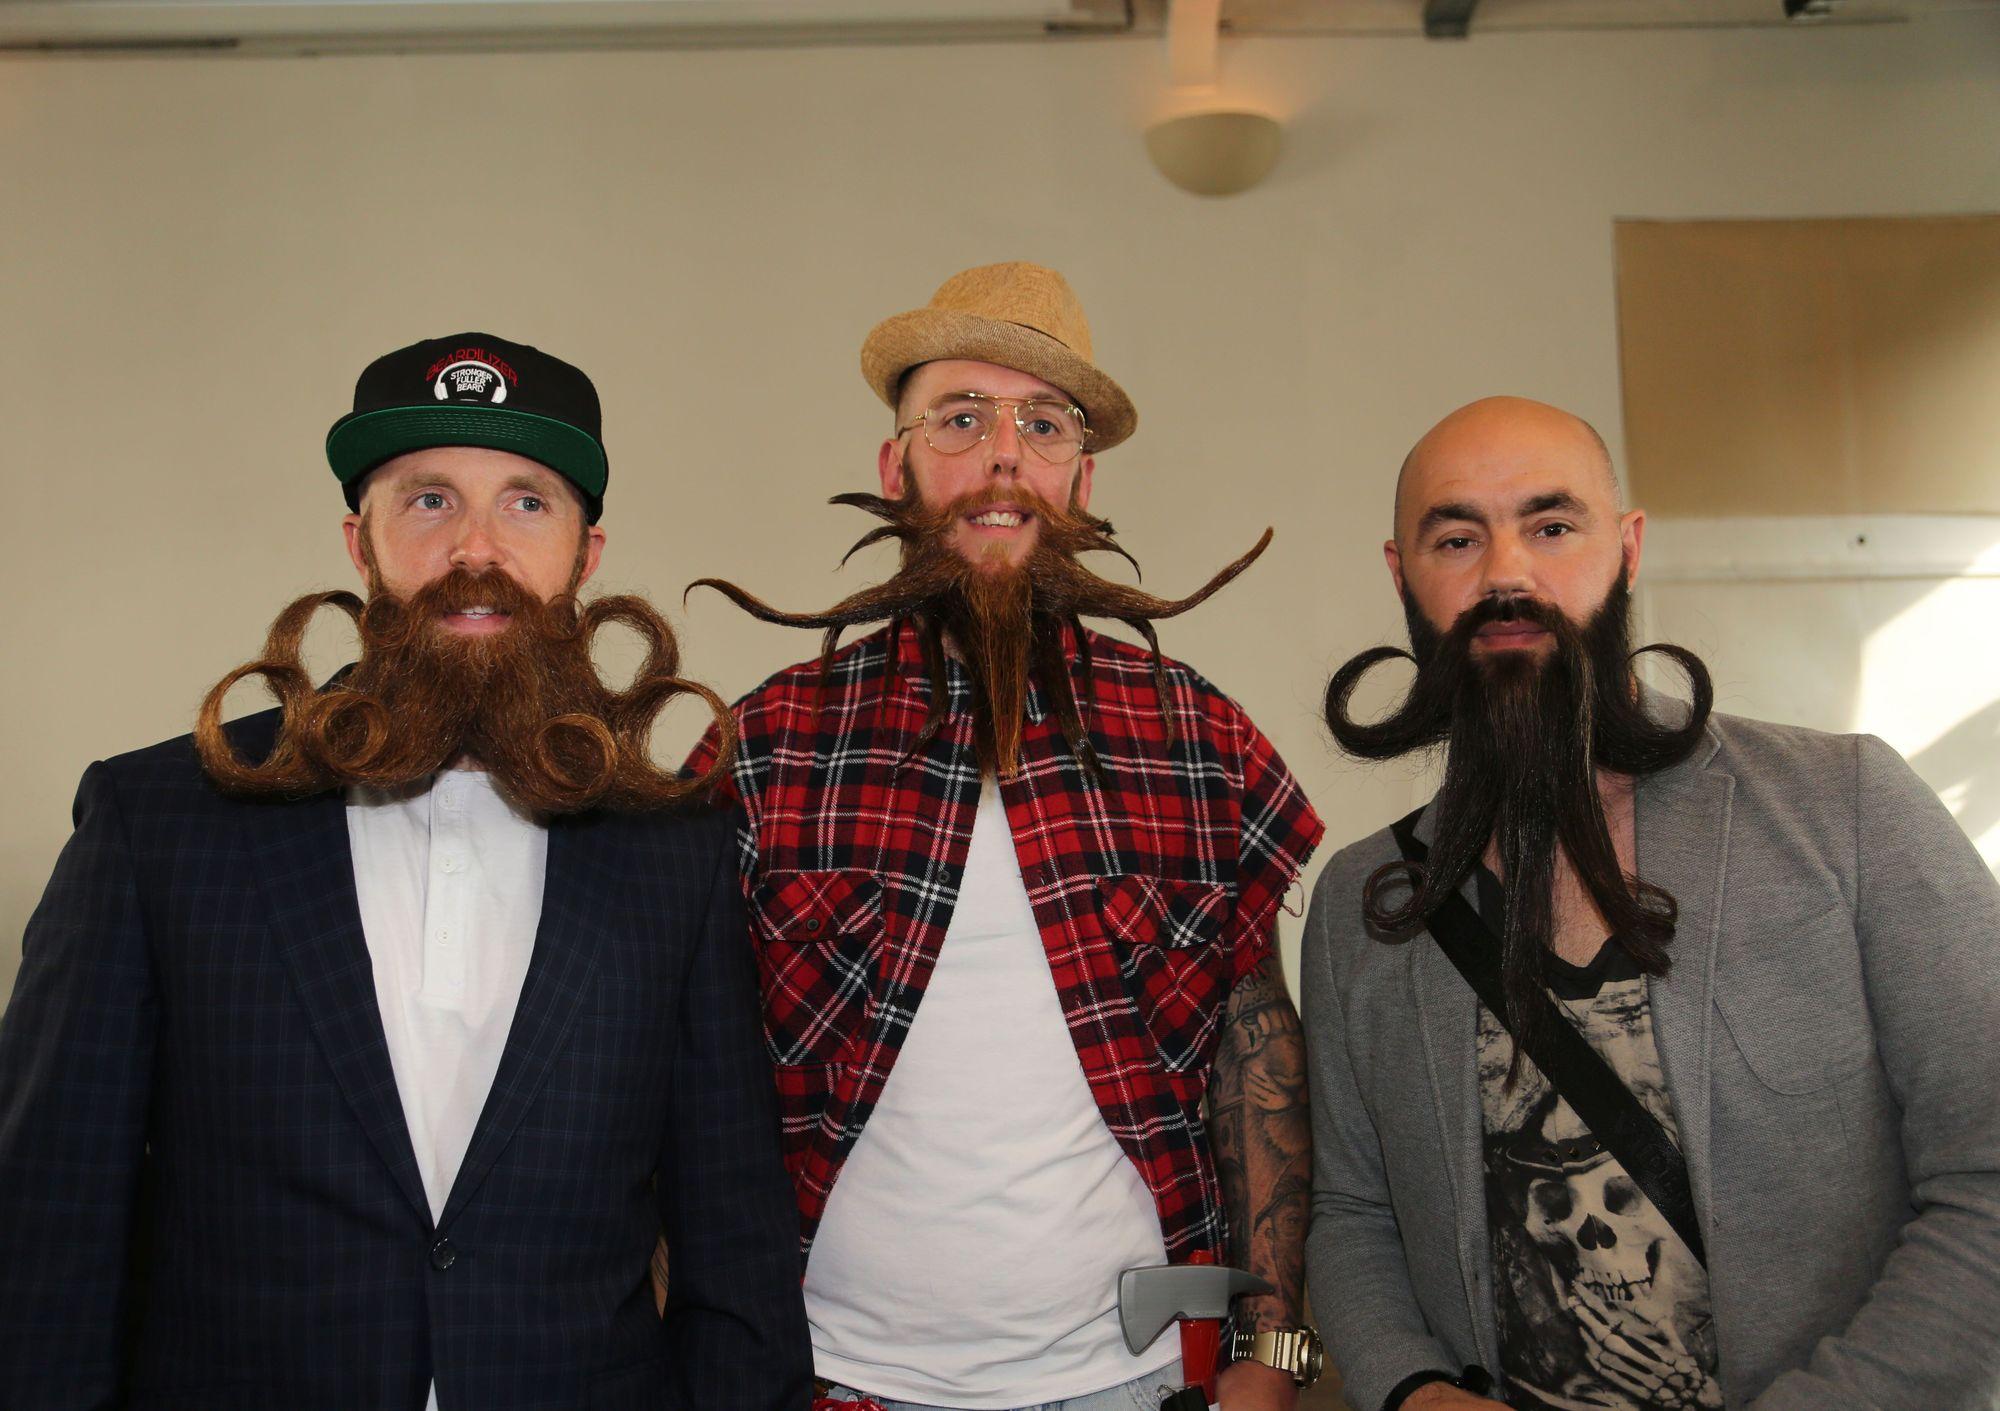 Tres hombres con barbas y bogotes extravagantes